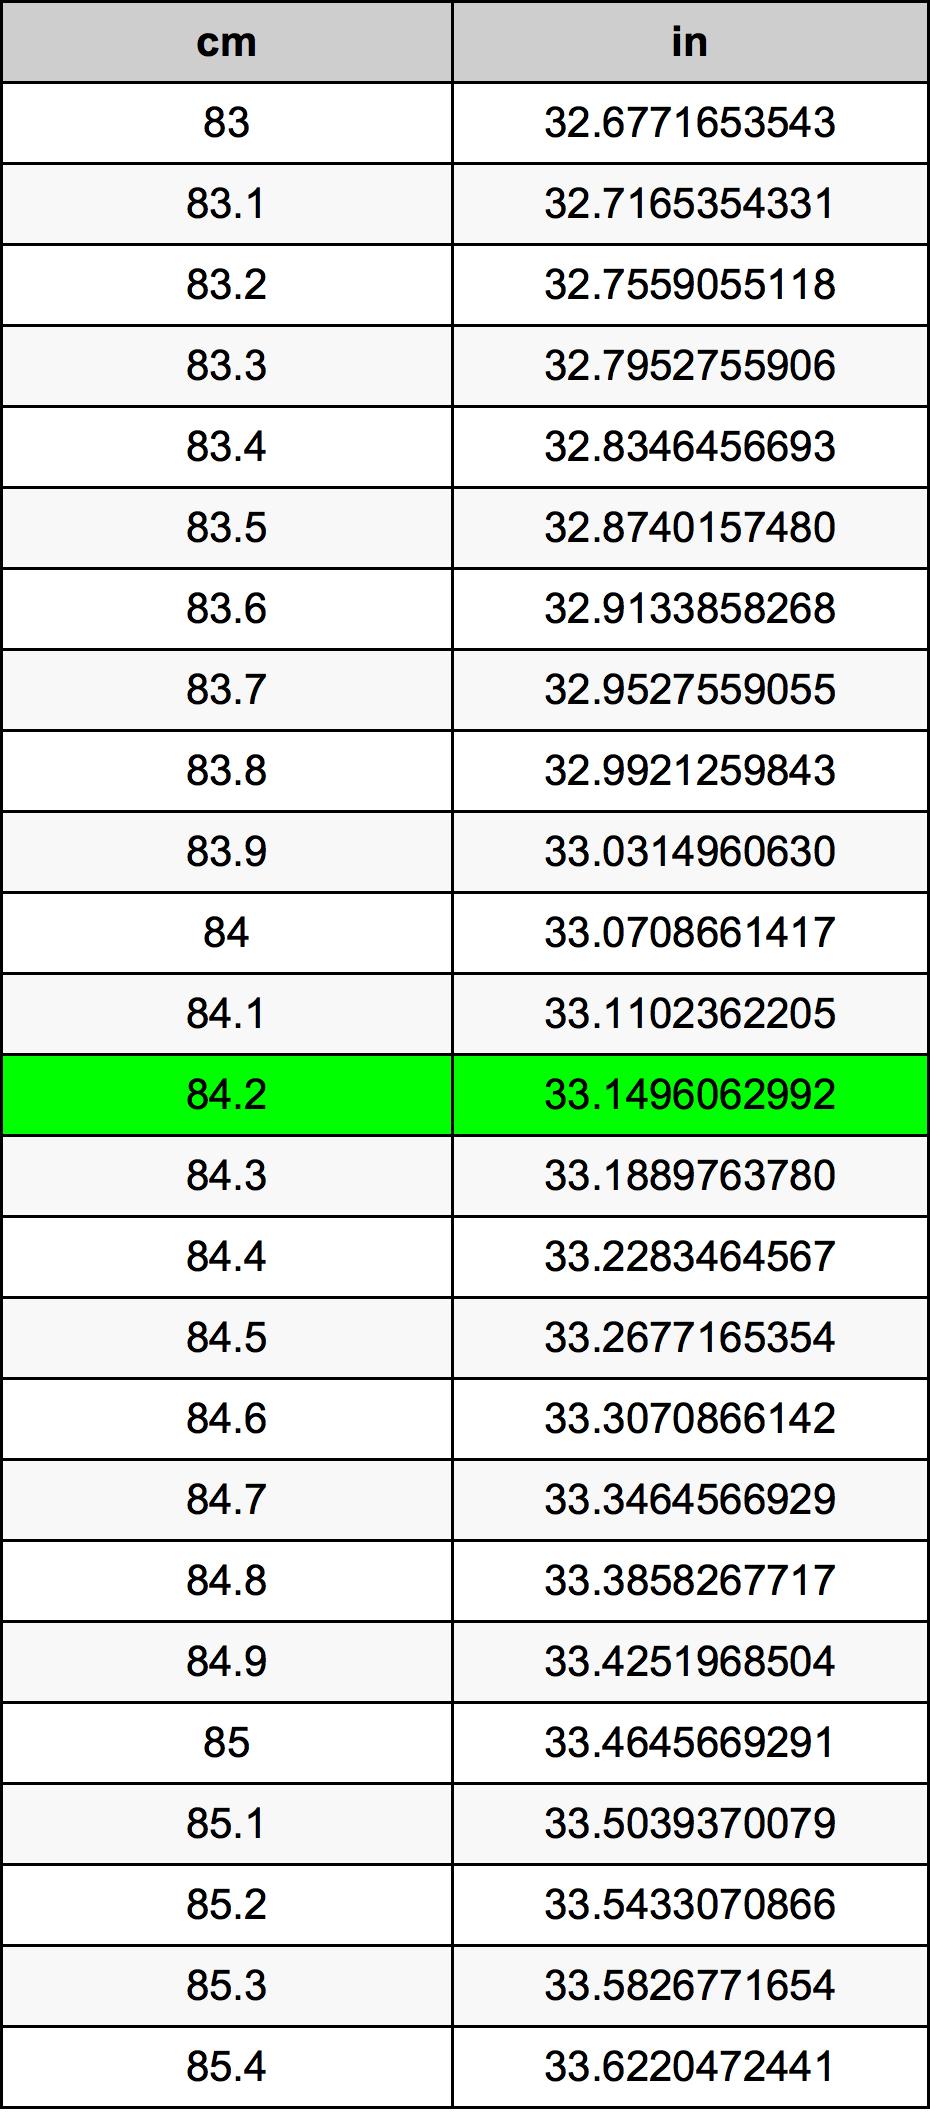 84.2厘米換算表